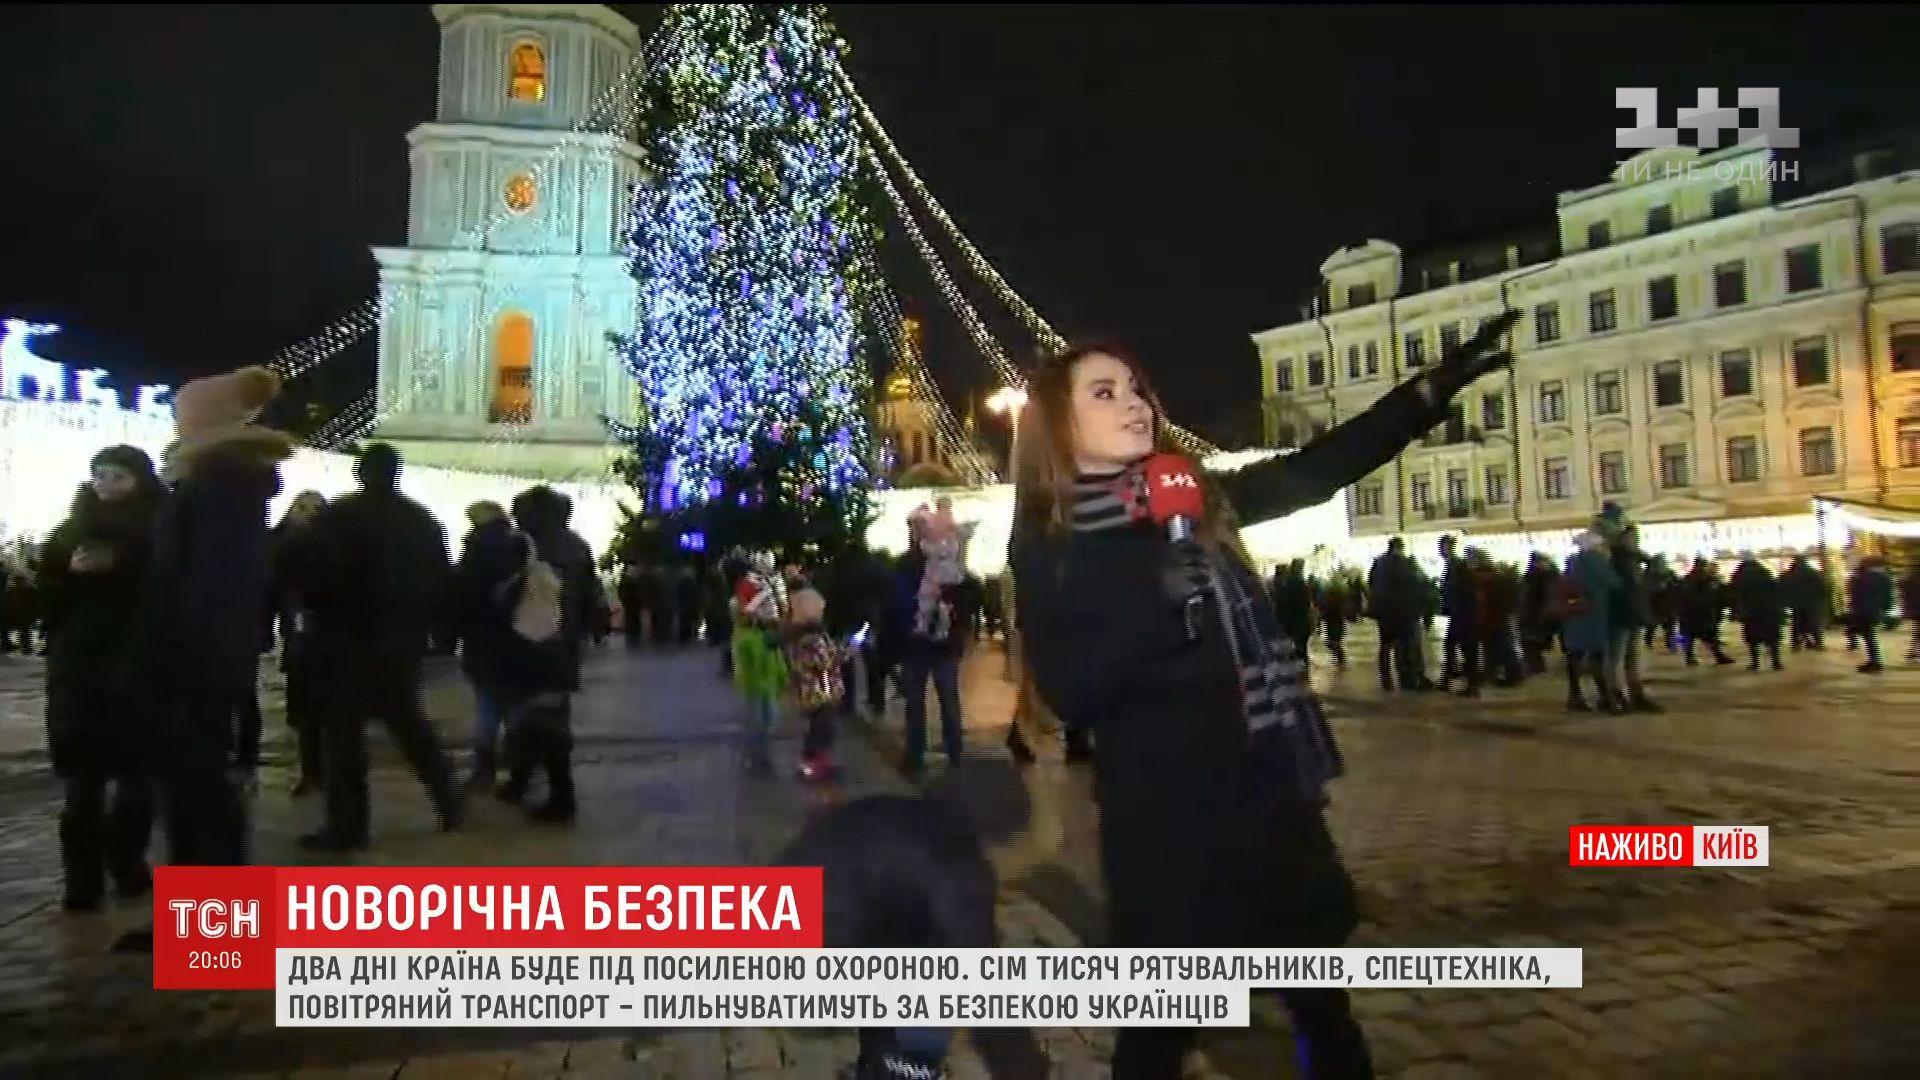 Концерты, усиленная охрана и сюрпризы: столица готовится к празднованию Нового года /